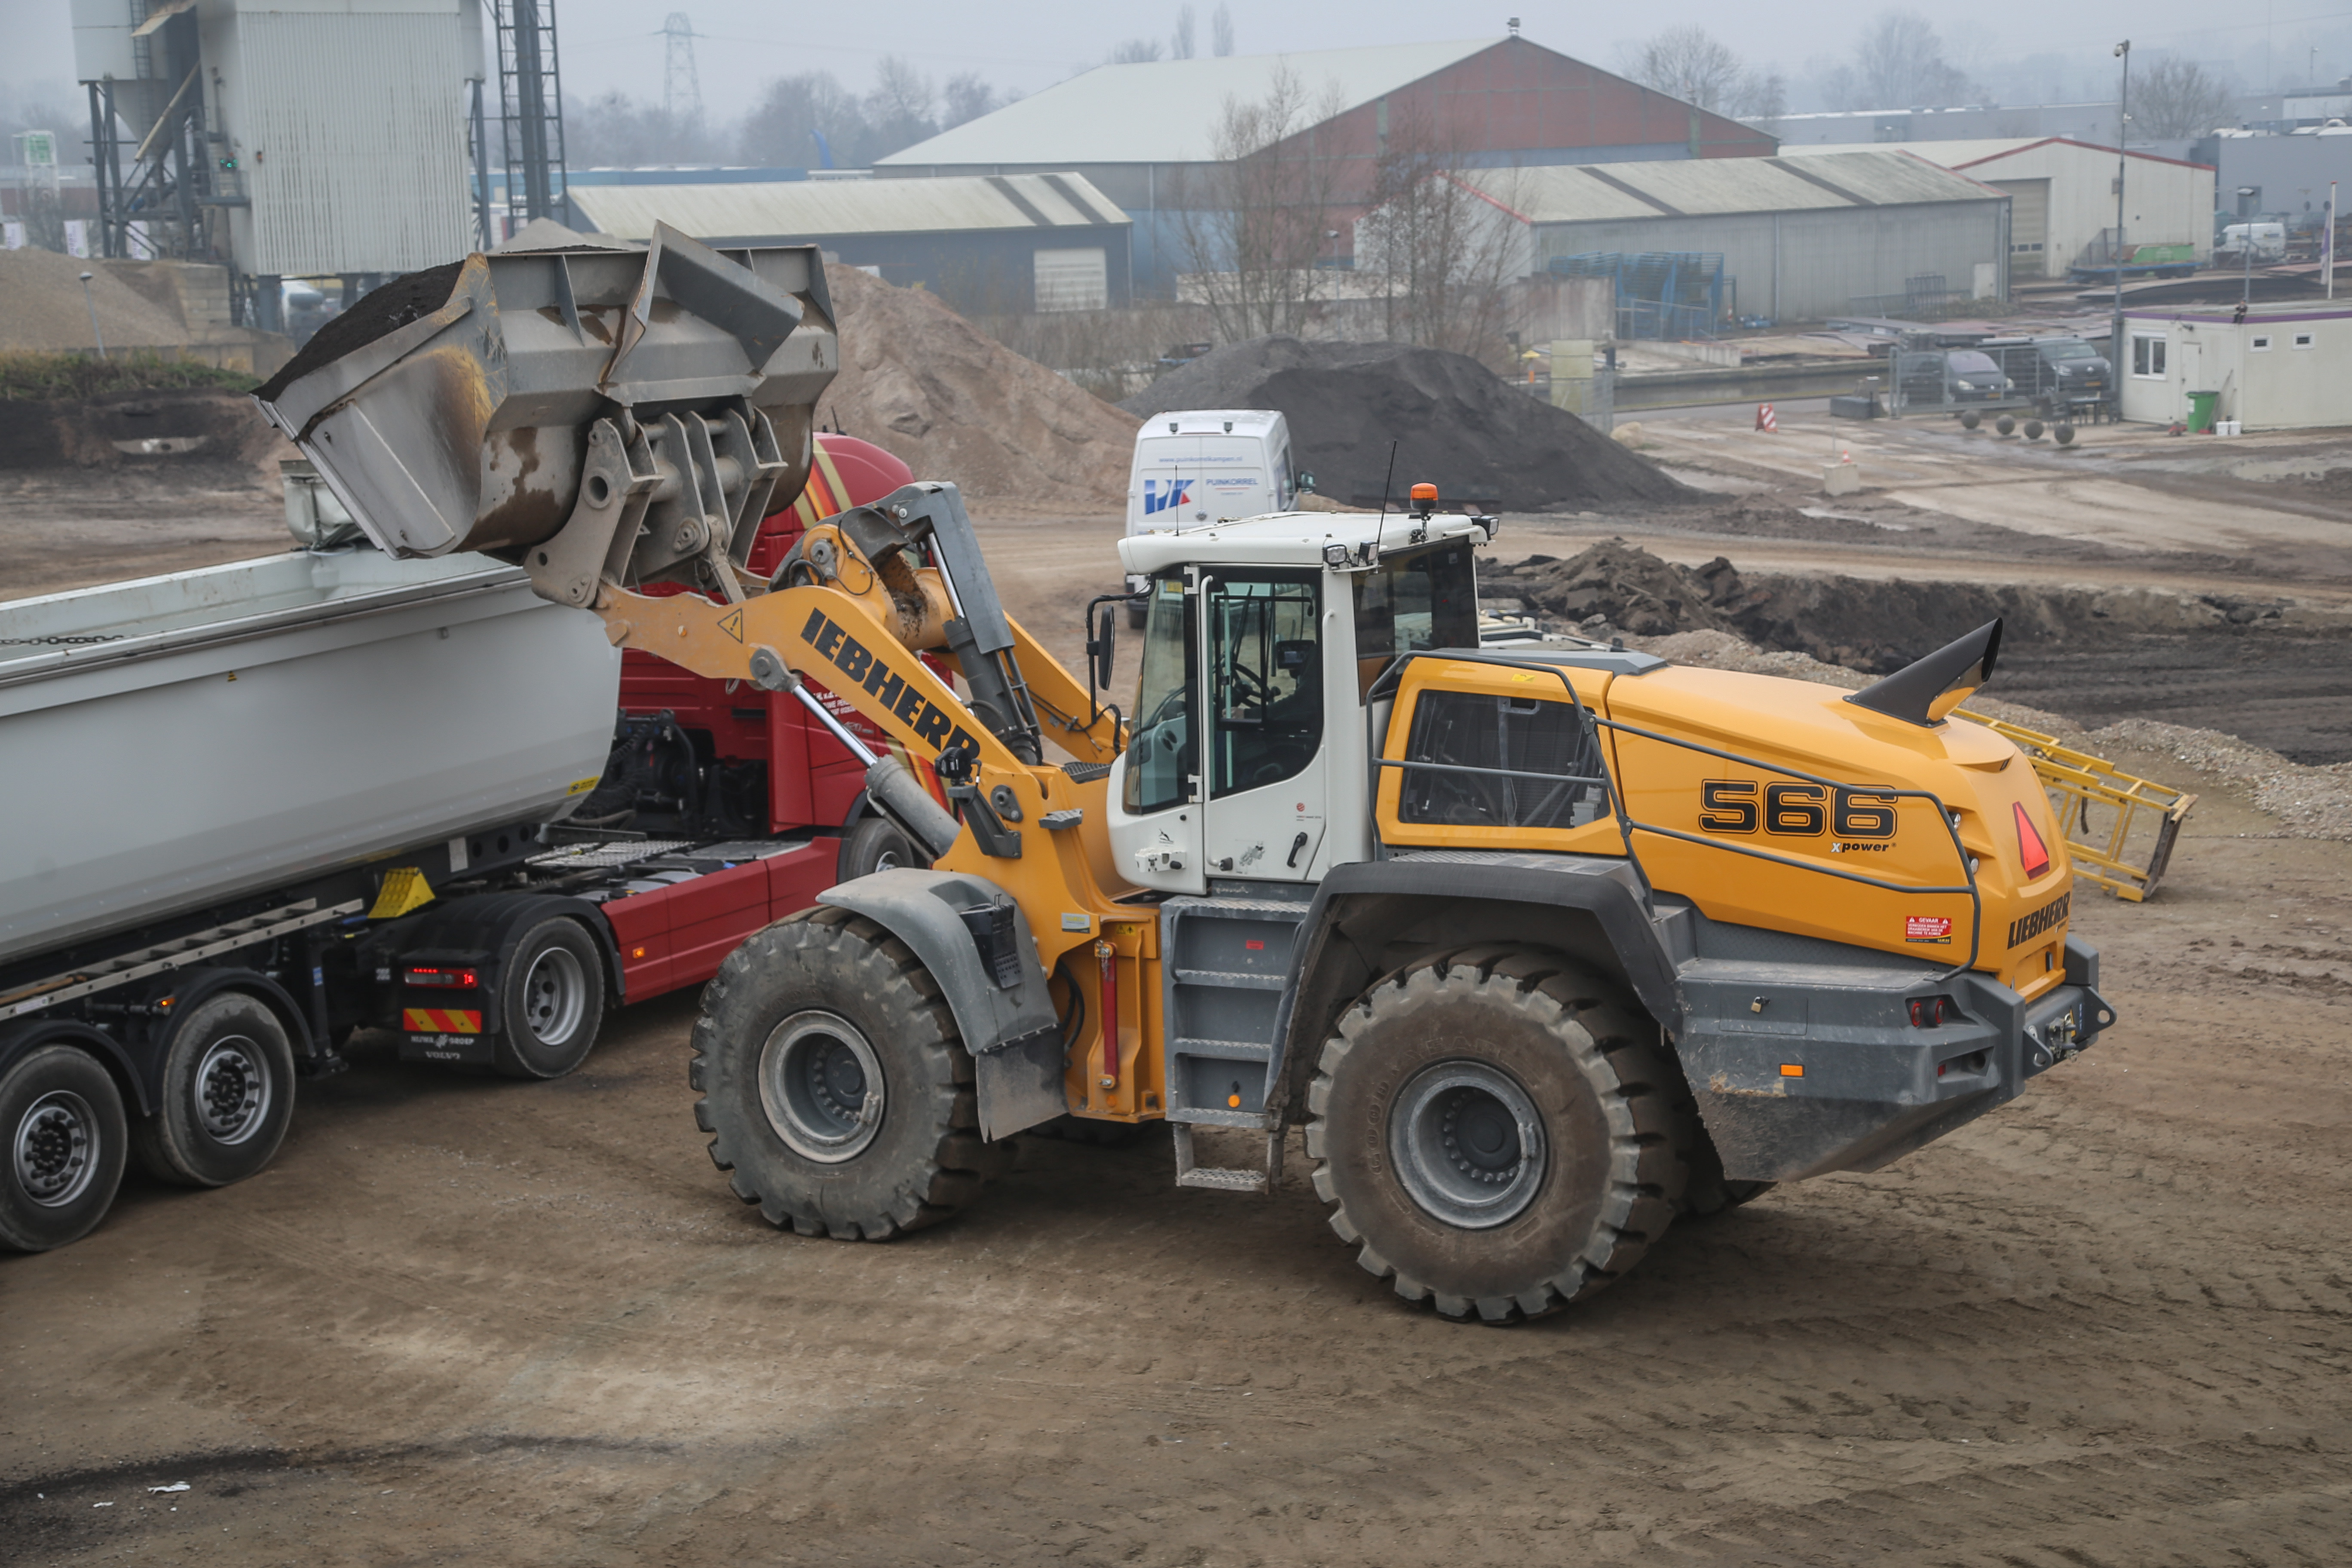 <p>Liebherr L566 Xpower van RMG zit gemiddeld op 15 liter per uur, en zit op 18 à 19 liter per uur bij een drukke dag doorwerken. Dan laadt de machine zo'n 3.000 ton granulaat in vrachtwagens.</p>